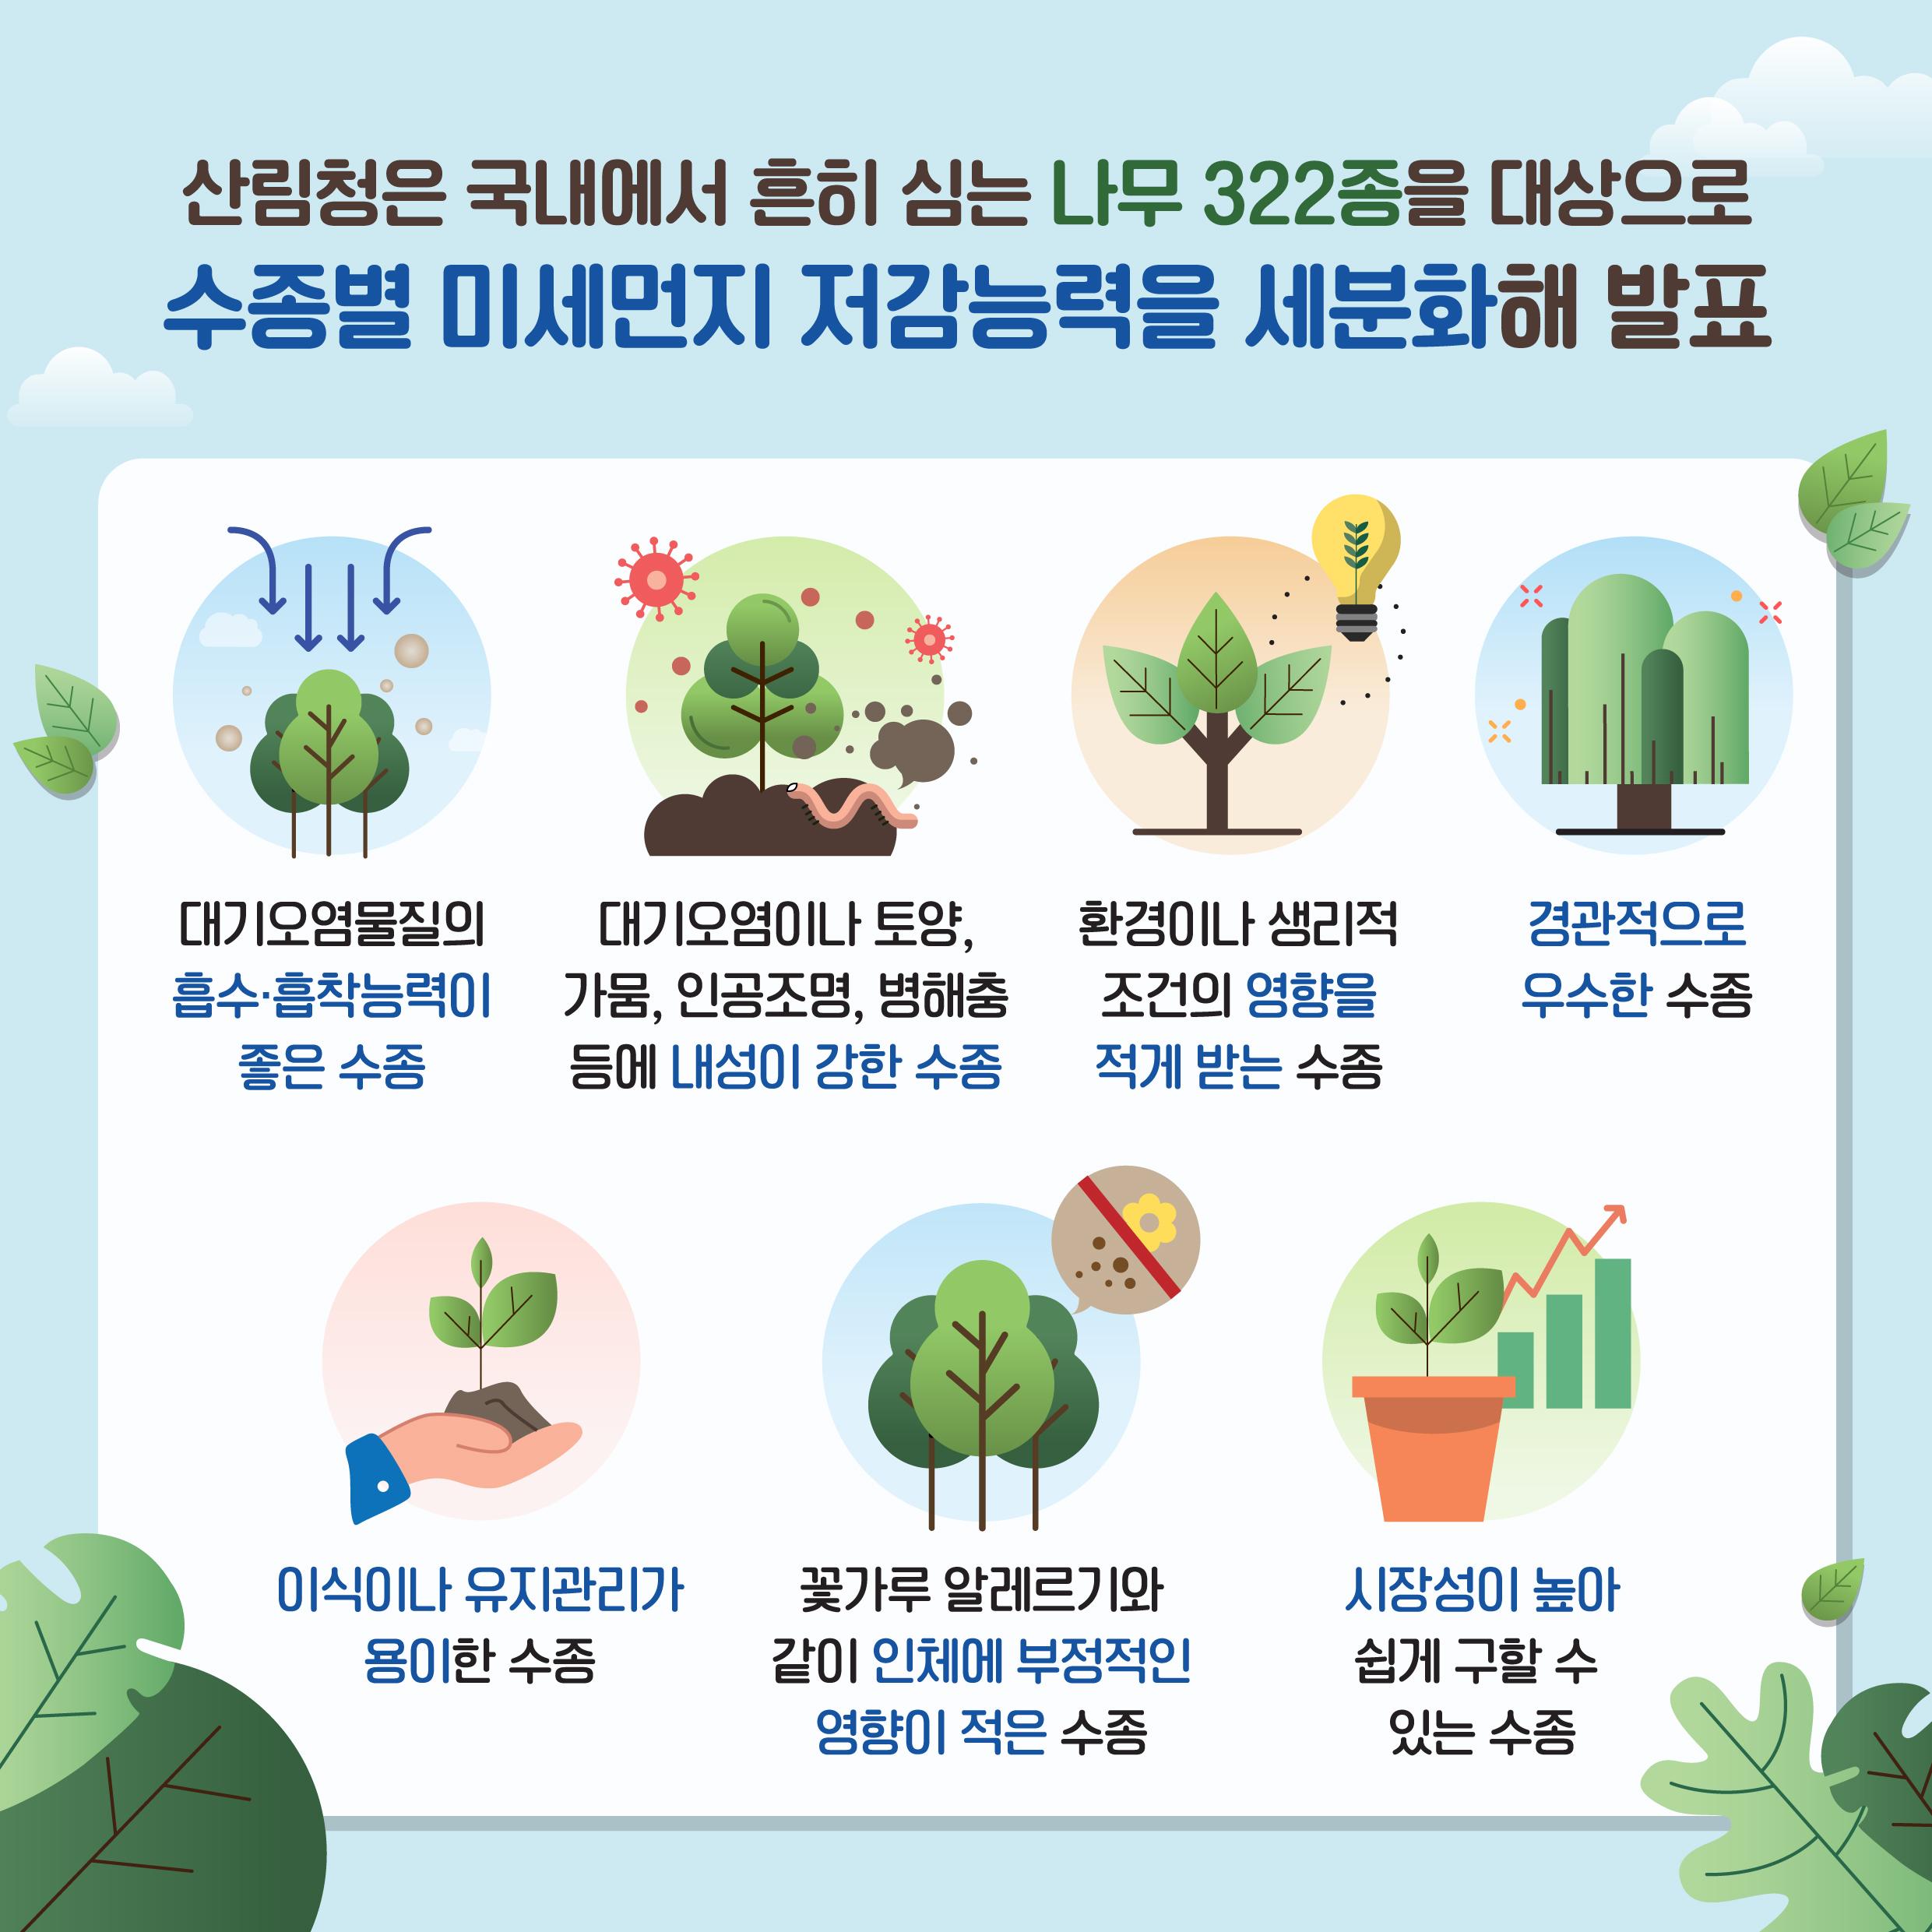 미세먼지 저감 효과가 높은 나무는 무엇?